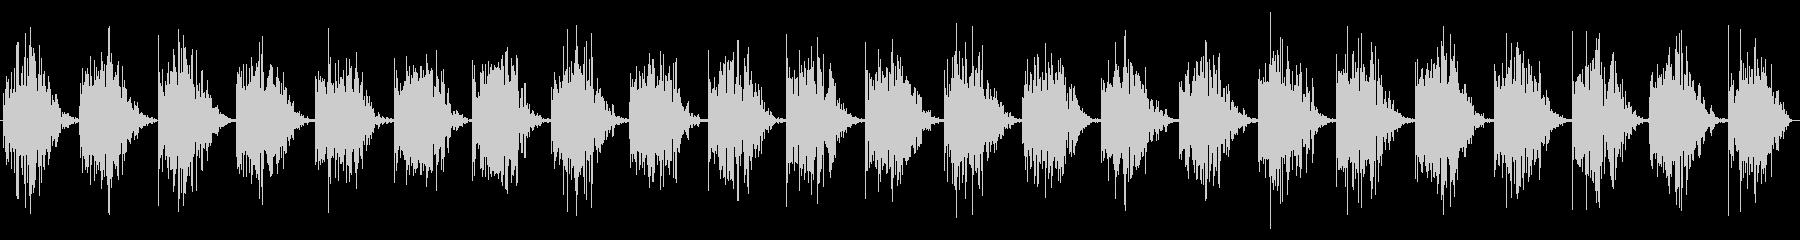 一定のスローメタリックハートビートヒットの未再生の波形